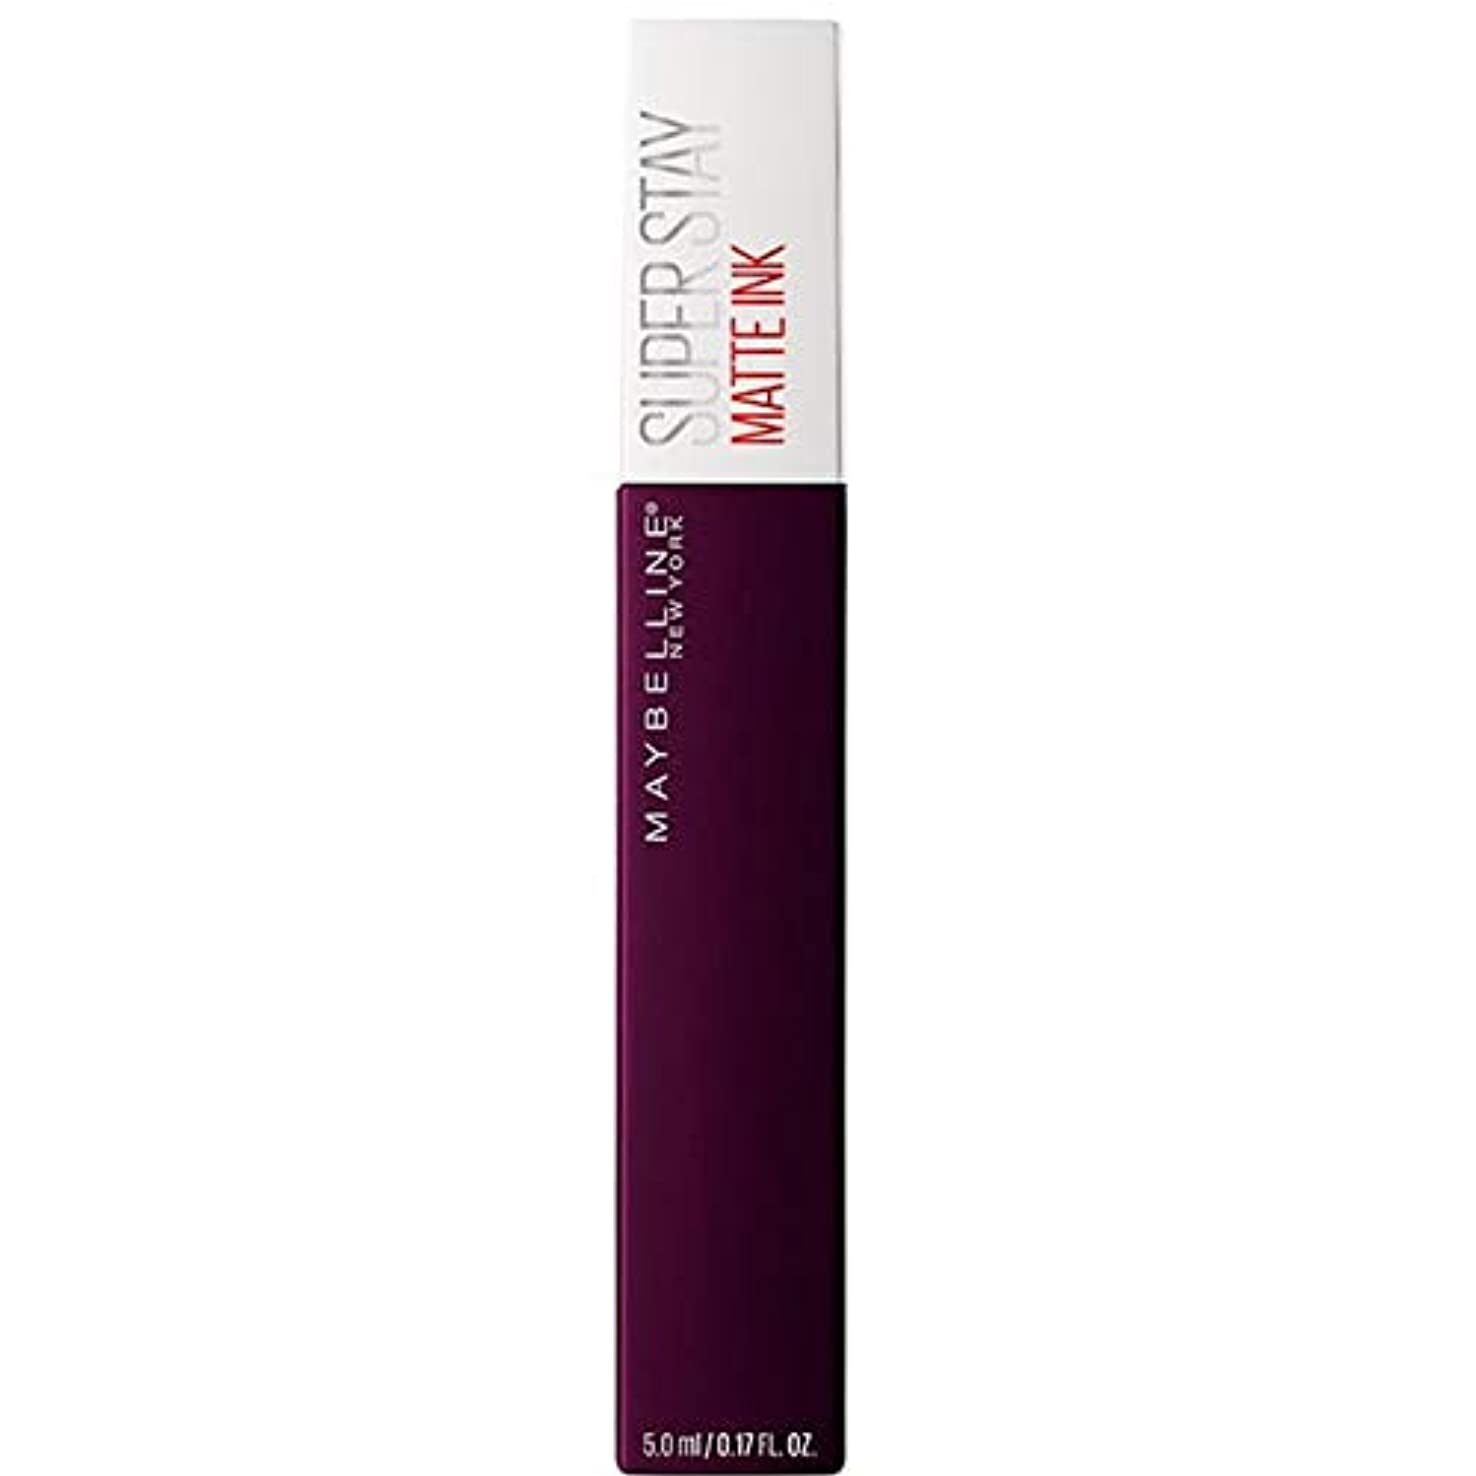 抜粋定期的コジオスコ[Maybelline ] メイベリンSuperstayマットインク液45現実逃避 - Maybelline Superstay Matte Ink Liquid 45 Escapist [並行輸入品]